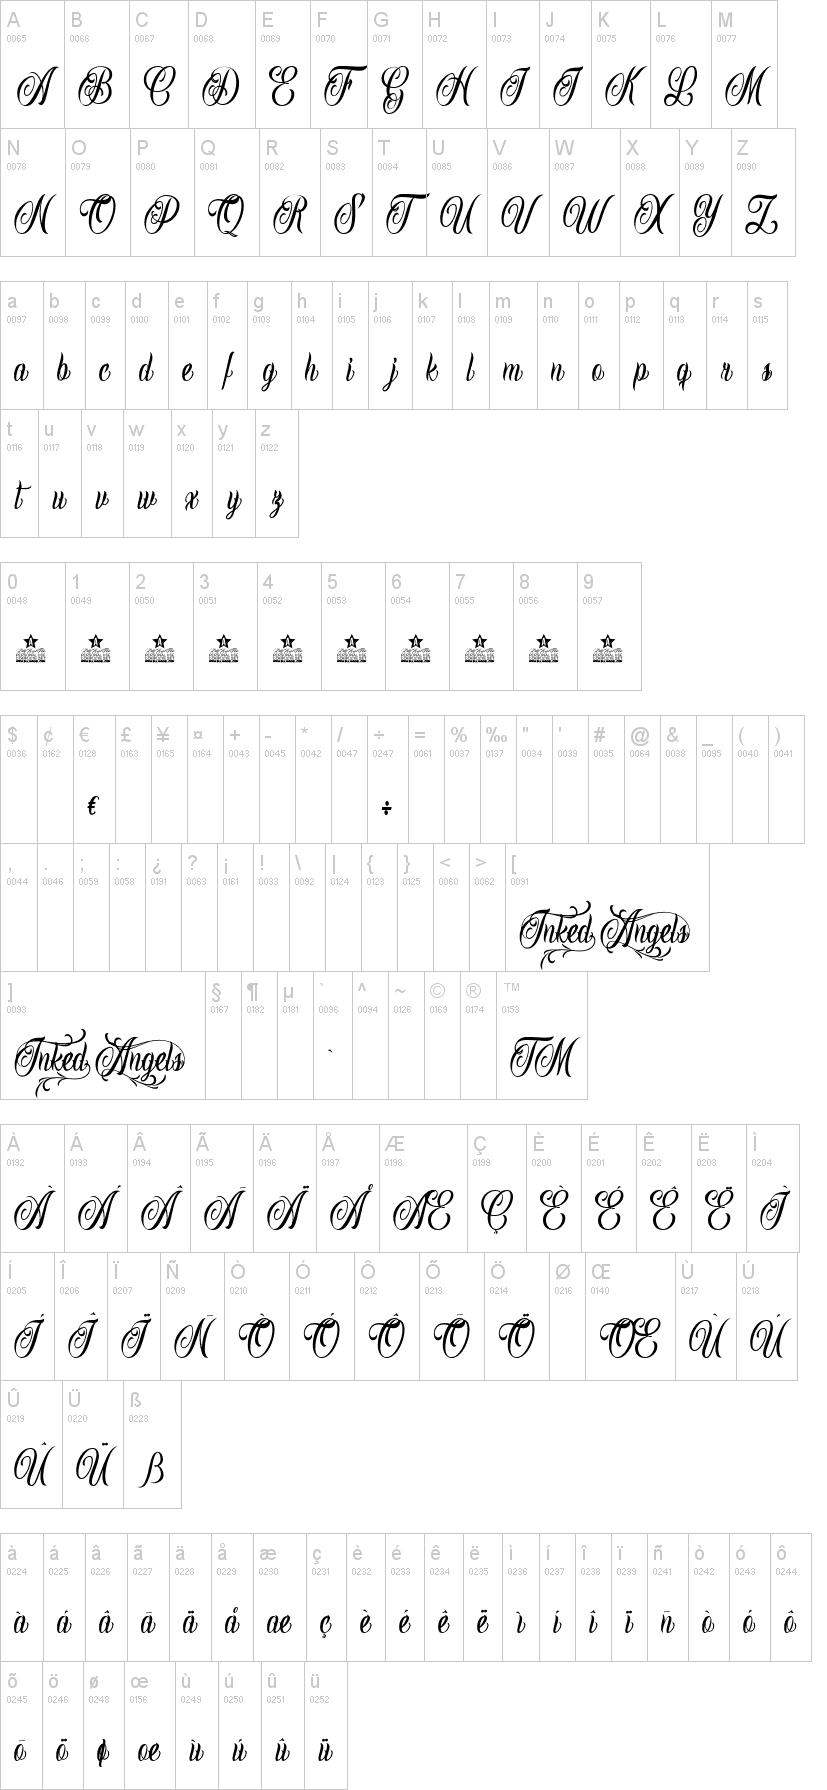 Inked Angels Font-1